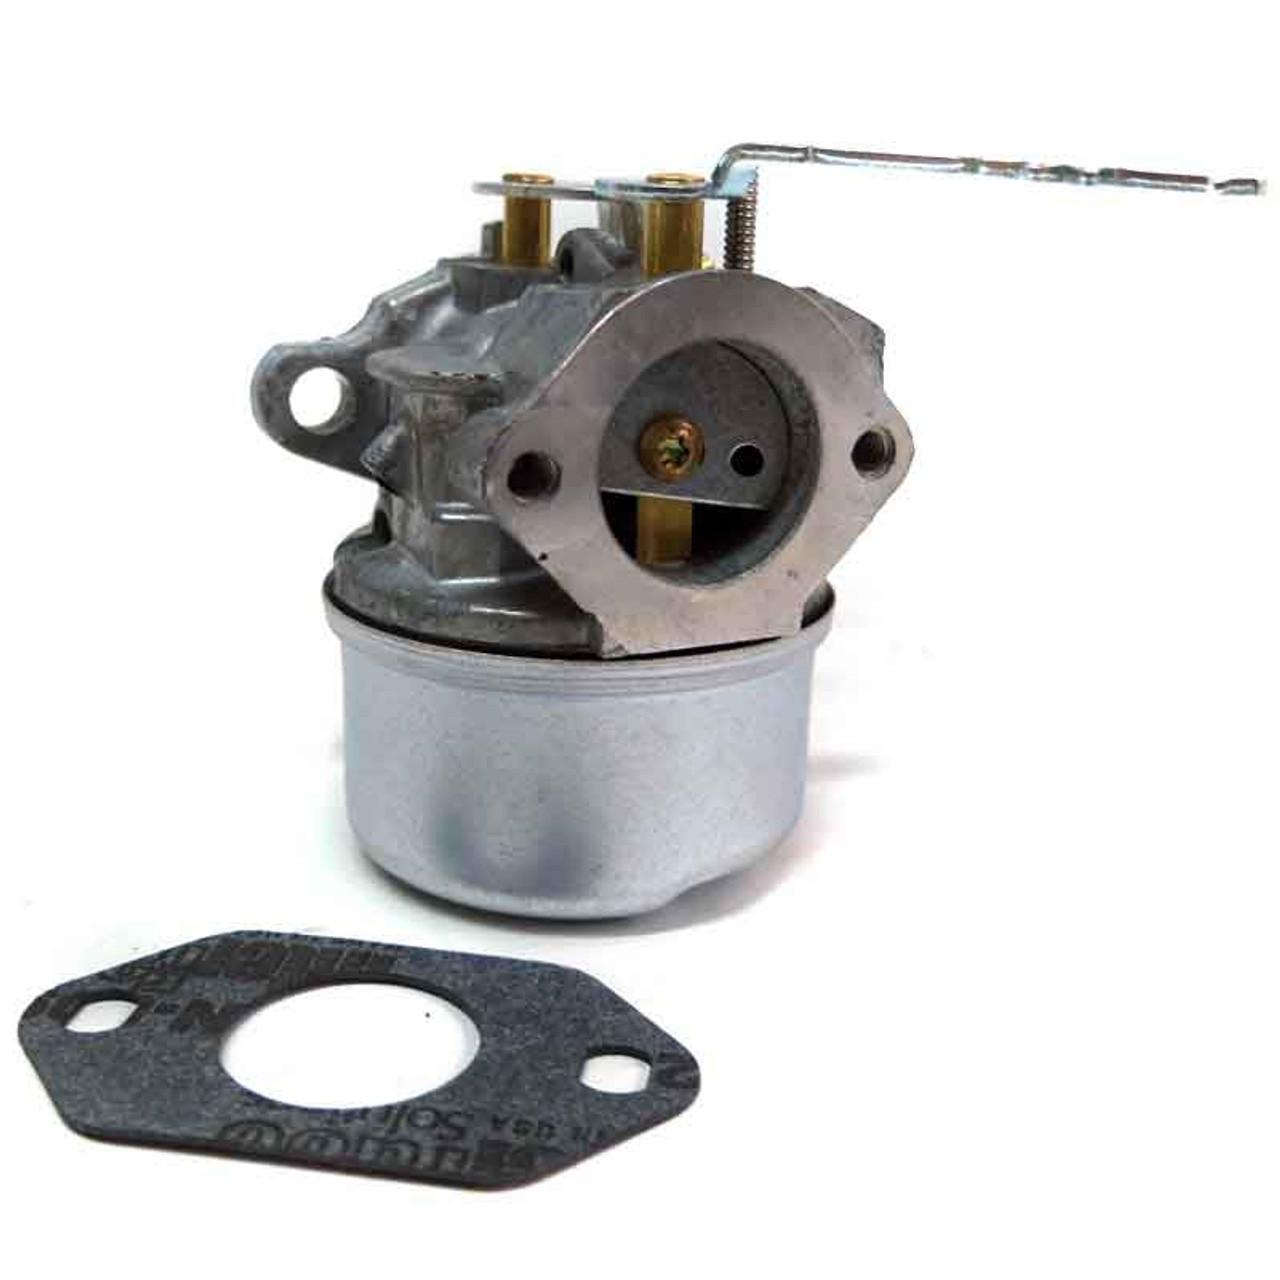 640344 Carburetor Carb for Tecumseh TH139SA 8337F TH139SA 8337G Engine